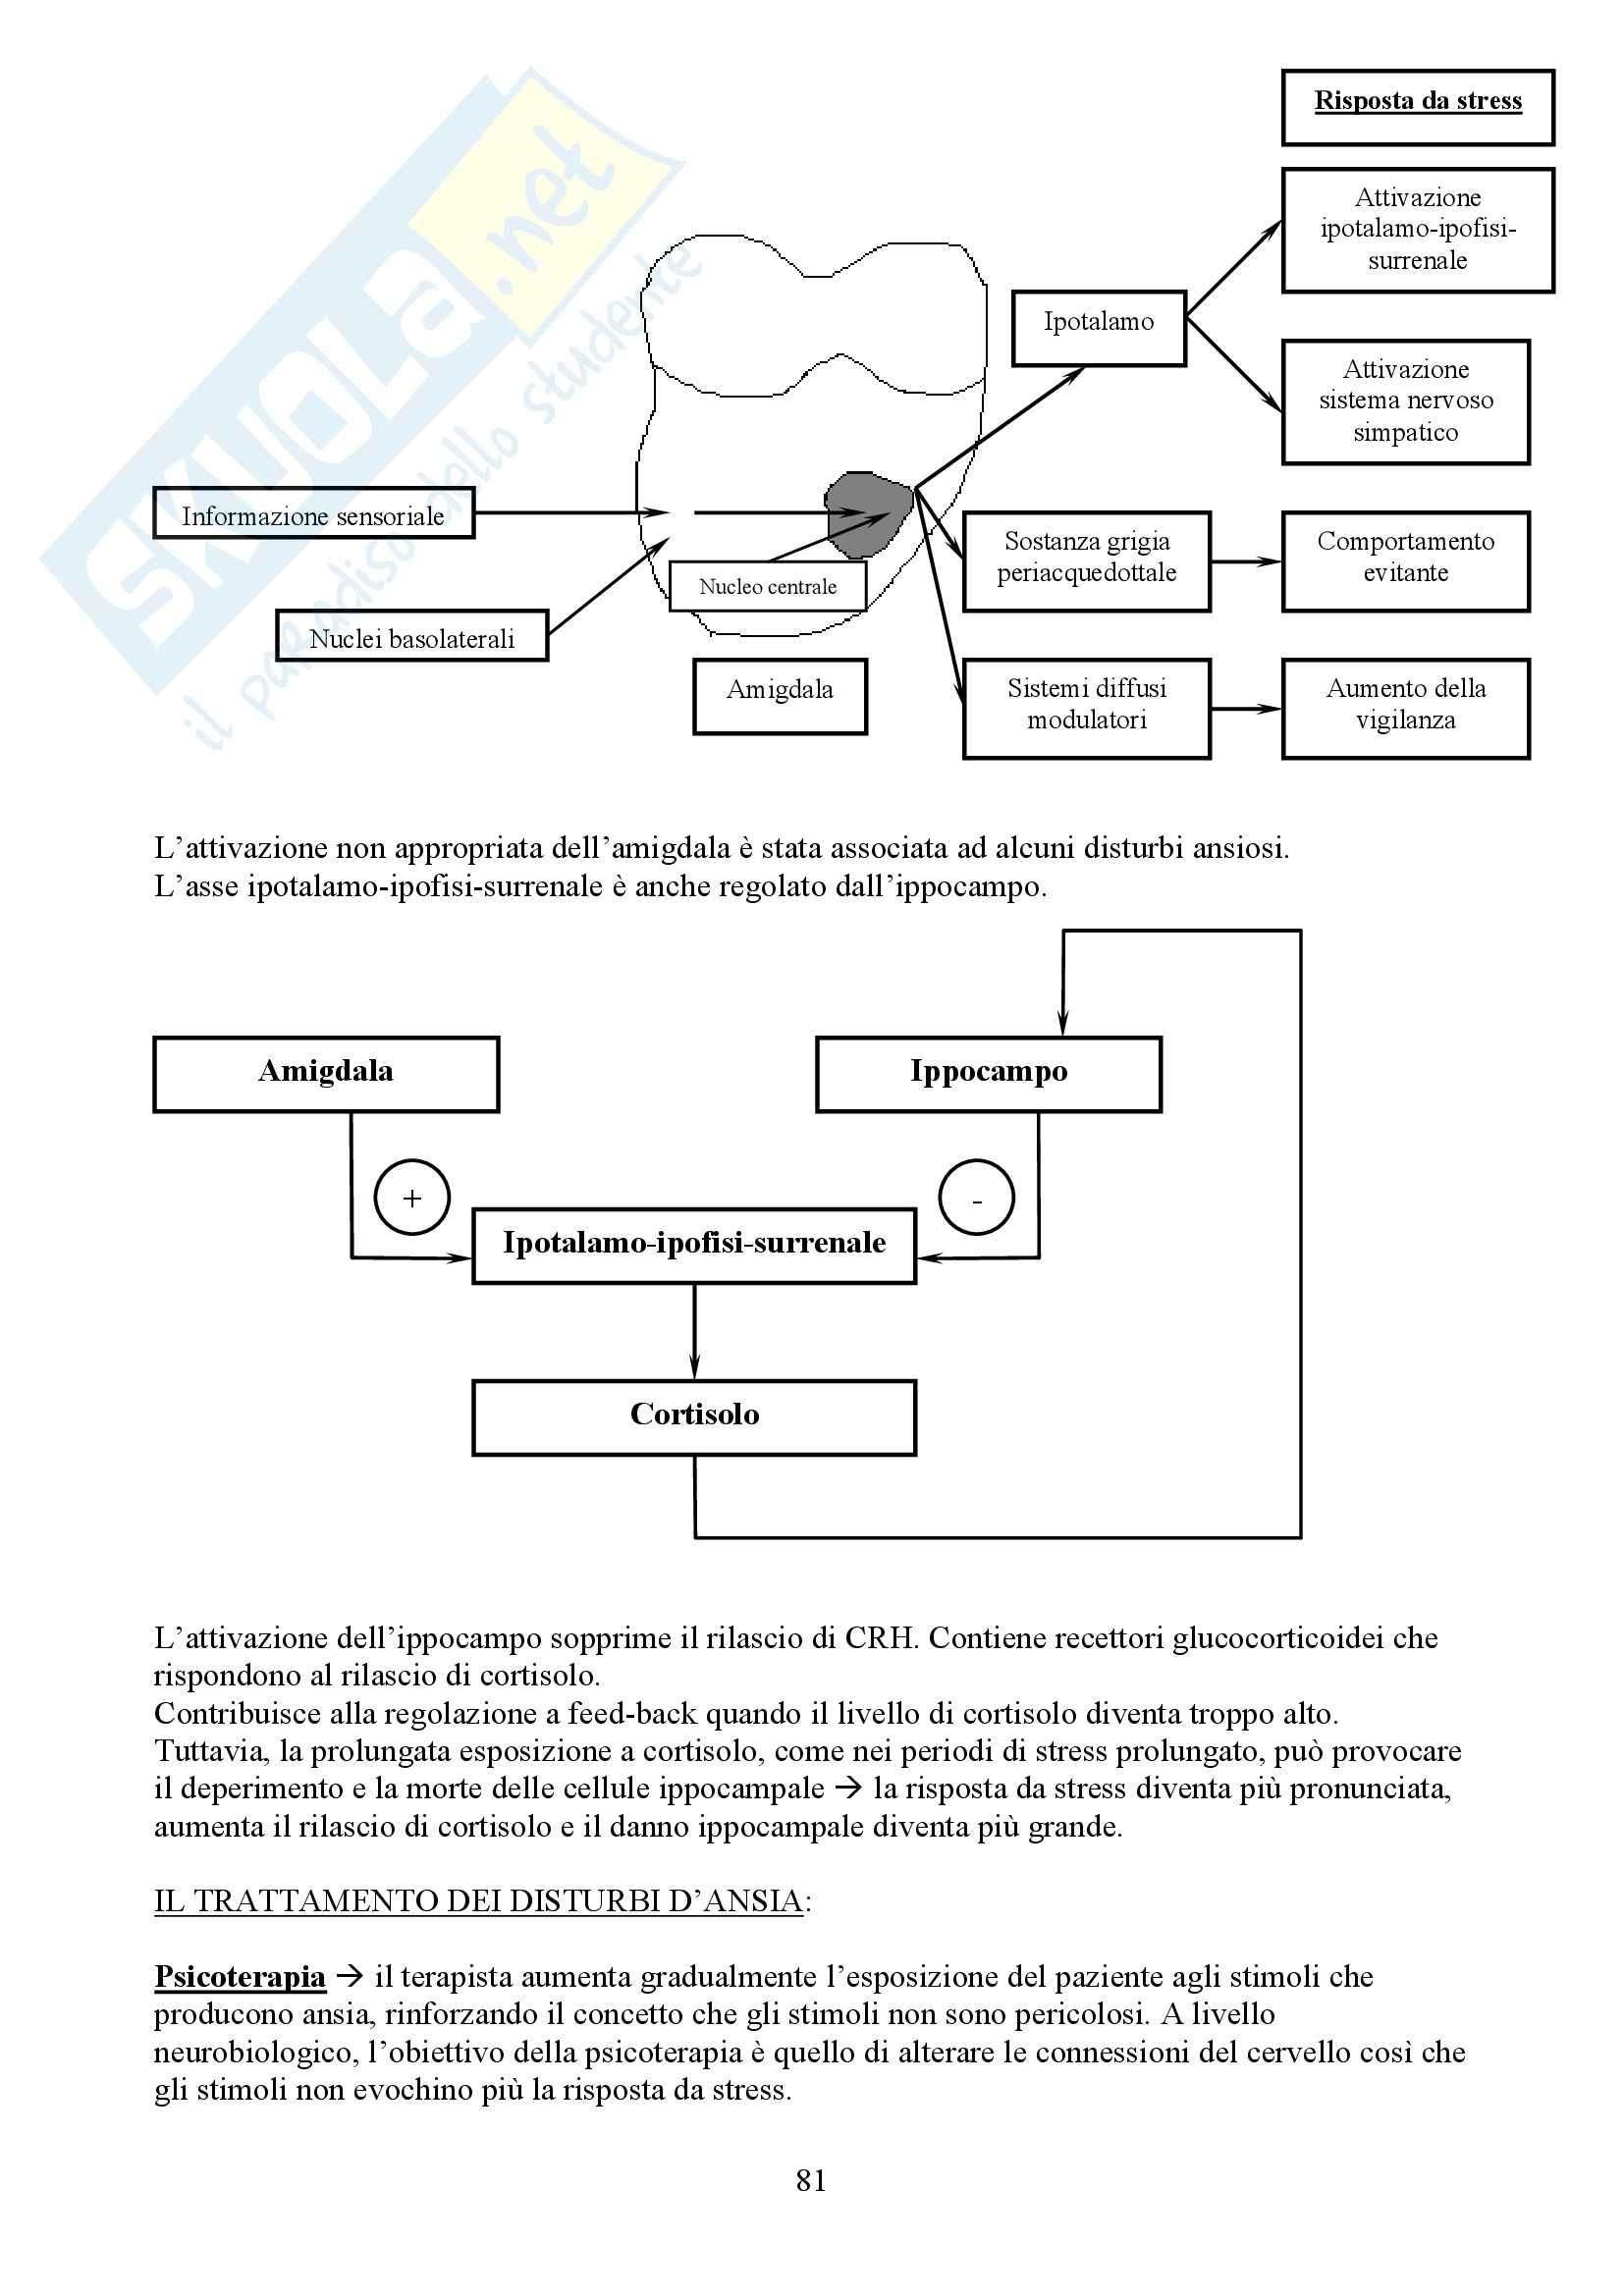 Neuropsicologia - fondamenti anatomo fisiologici dell'attività mentale Pag. 81